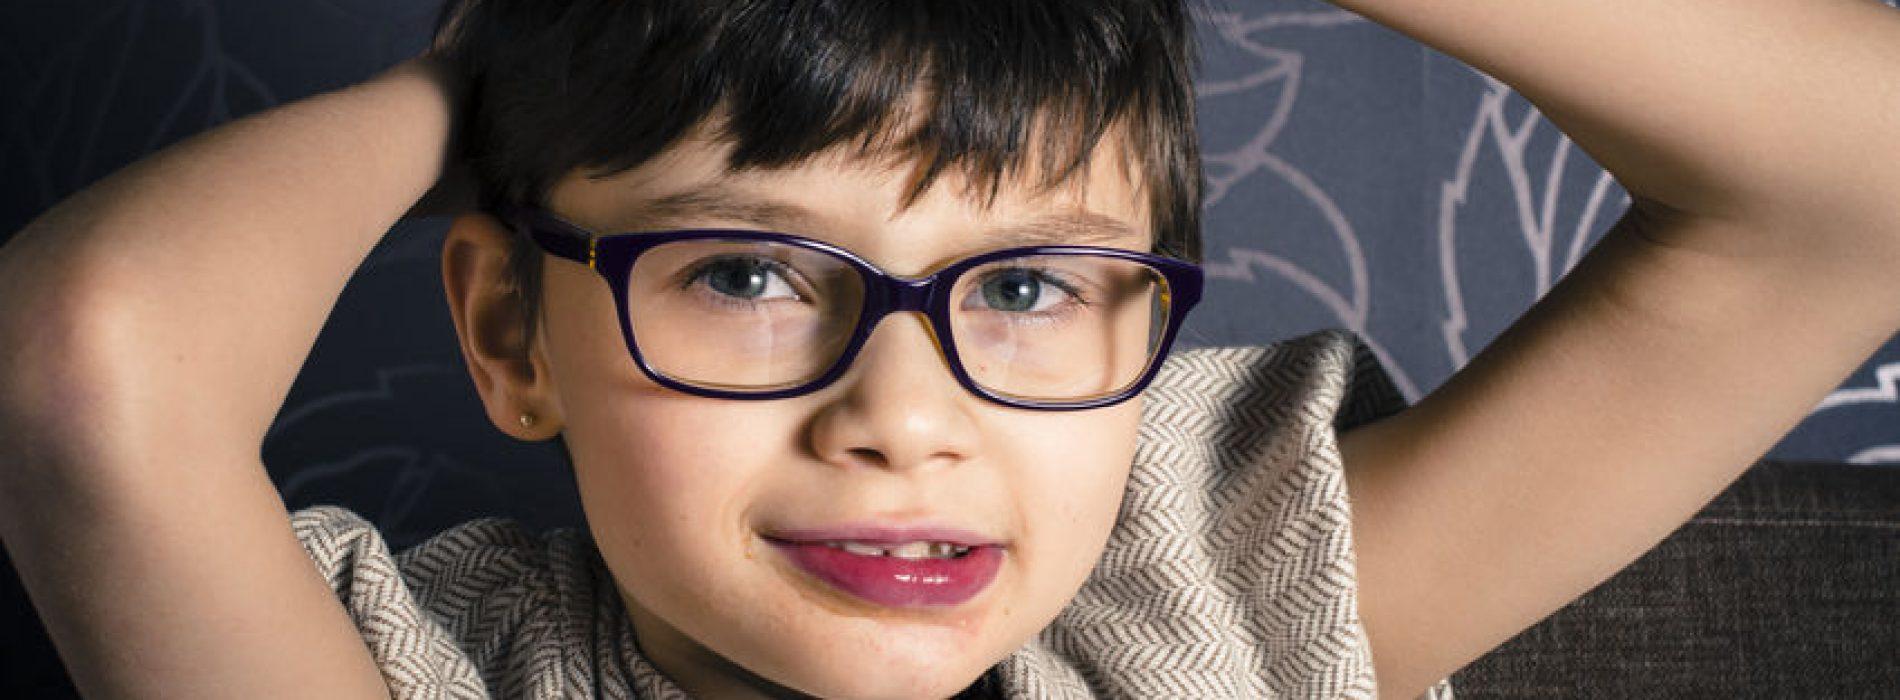 Skąd się bierze padaczka u dzieci?